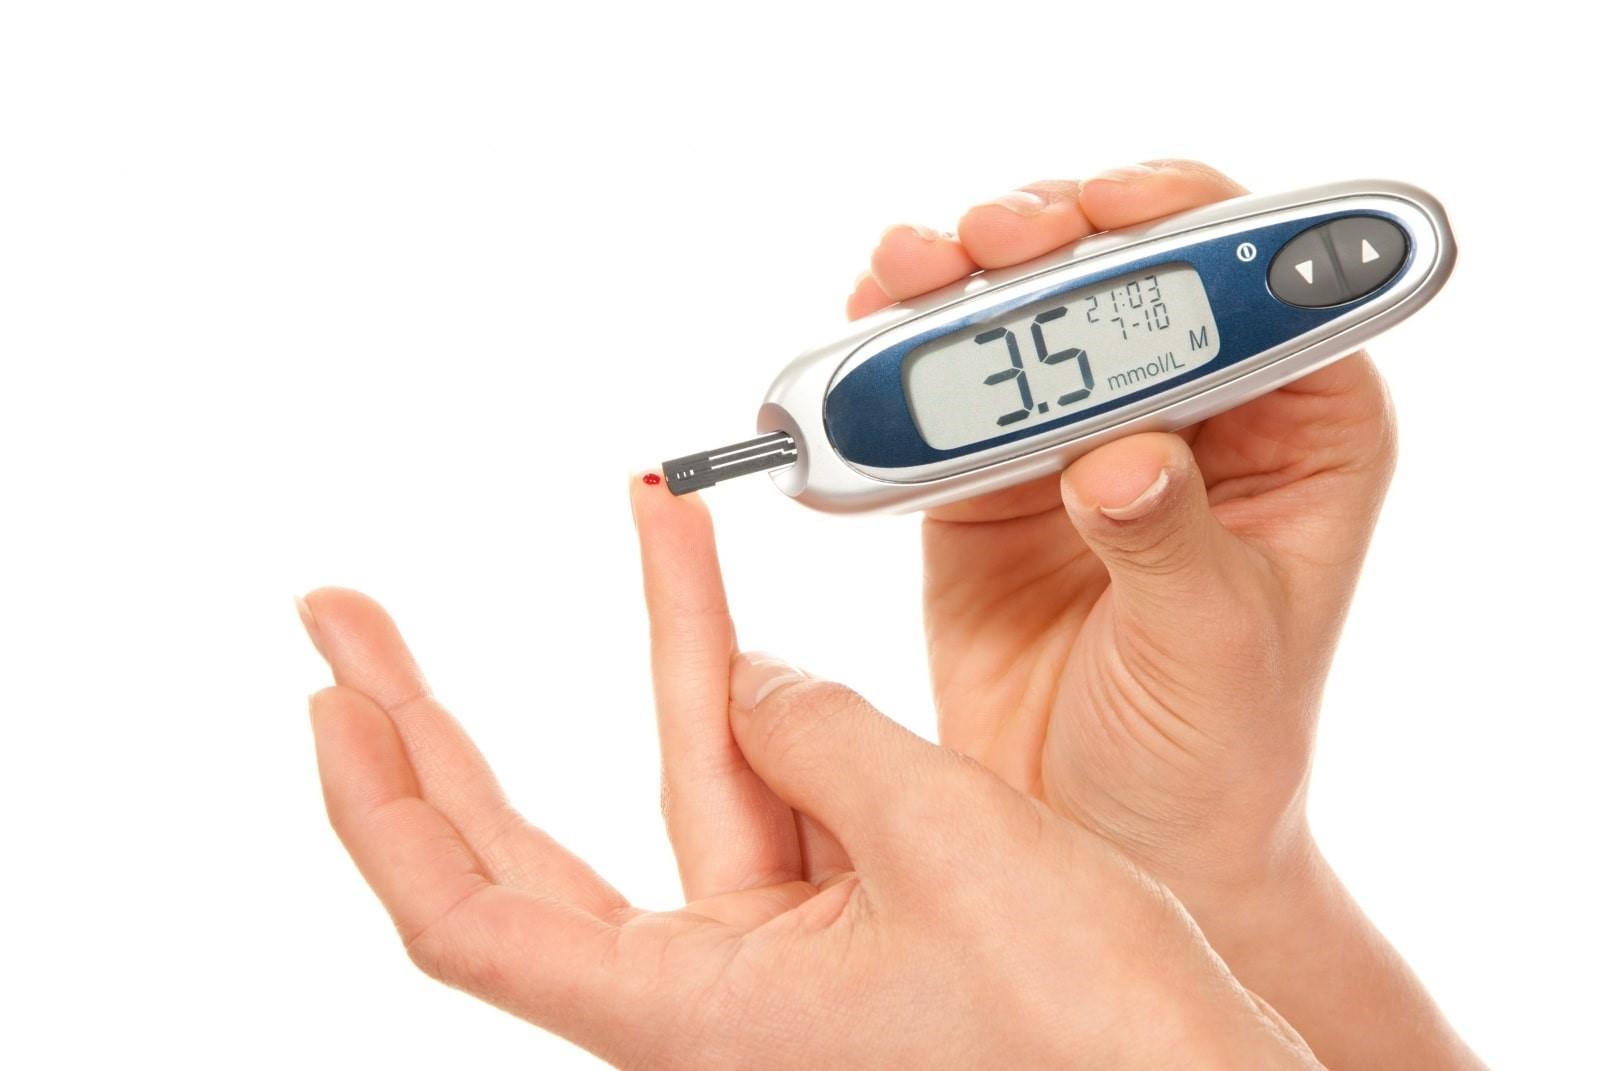 رژیم غذایی به ویژه برای درمان دیابت از اهمیت ویژه ای برخوردار است